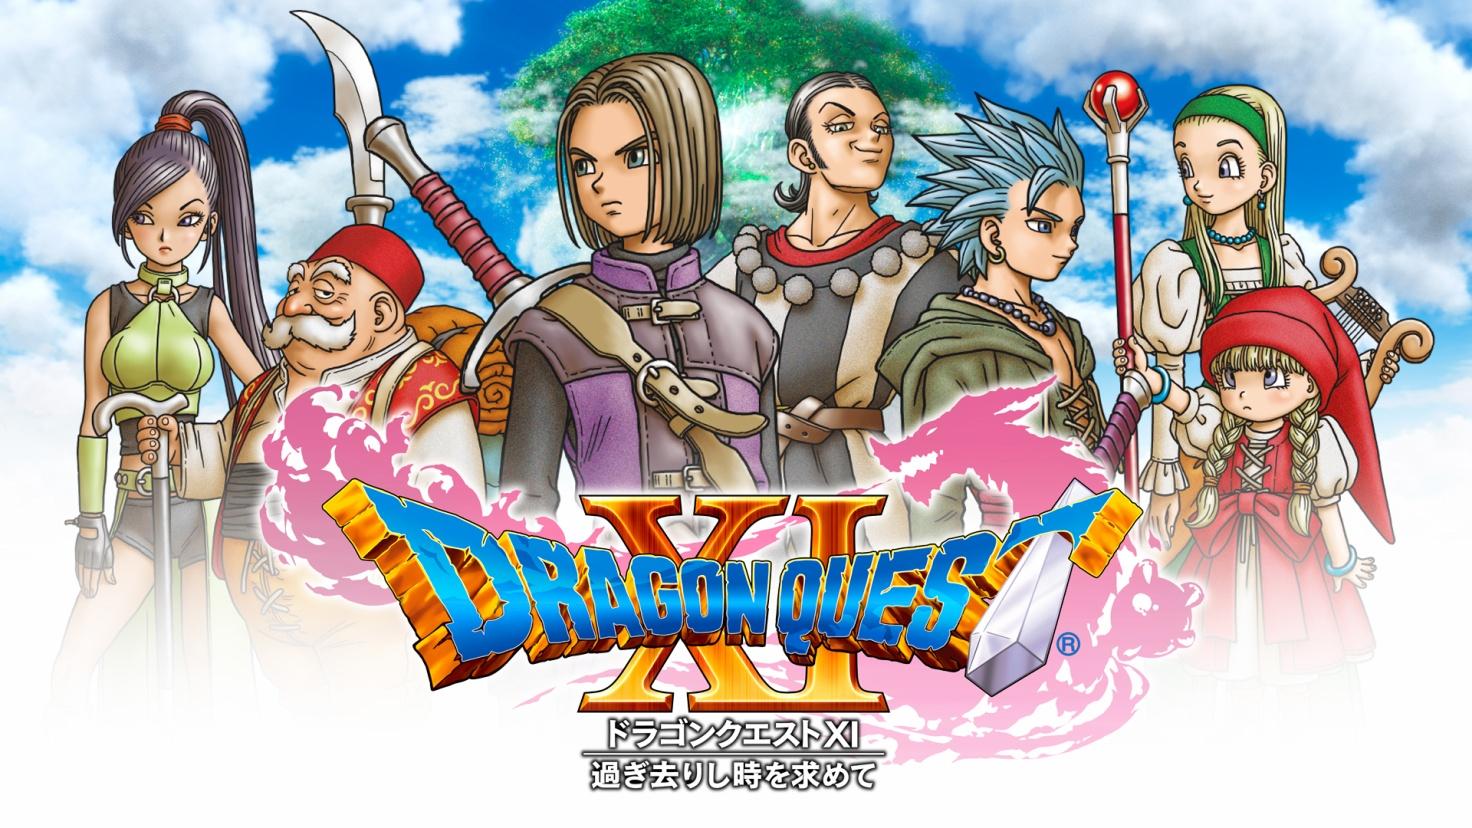 Κι άλλες διευκρινίσεις για το Dragon Quest XI